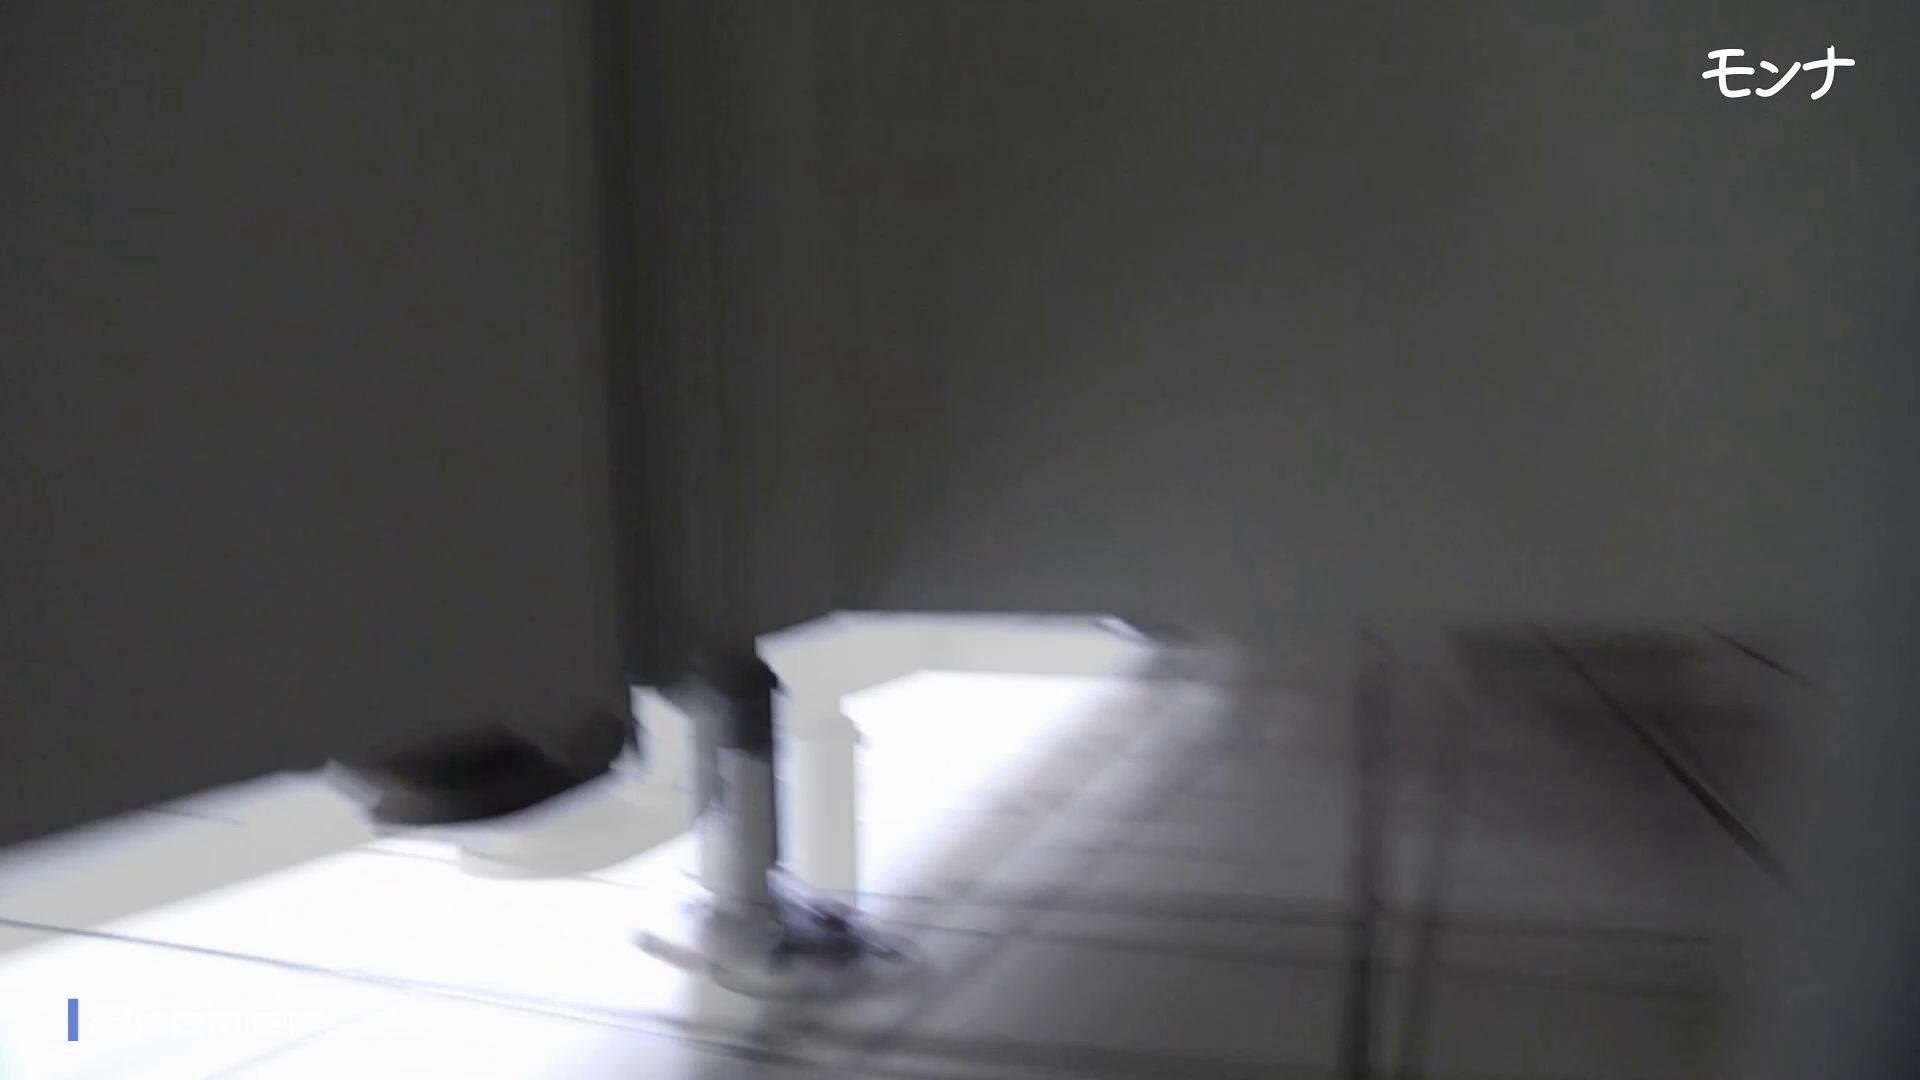 美しい日本の未来 No.75 たまらないくびれ 2 生え茂る 洗面所シーン おめこ無修正動画無料 76画像 64